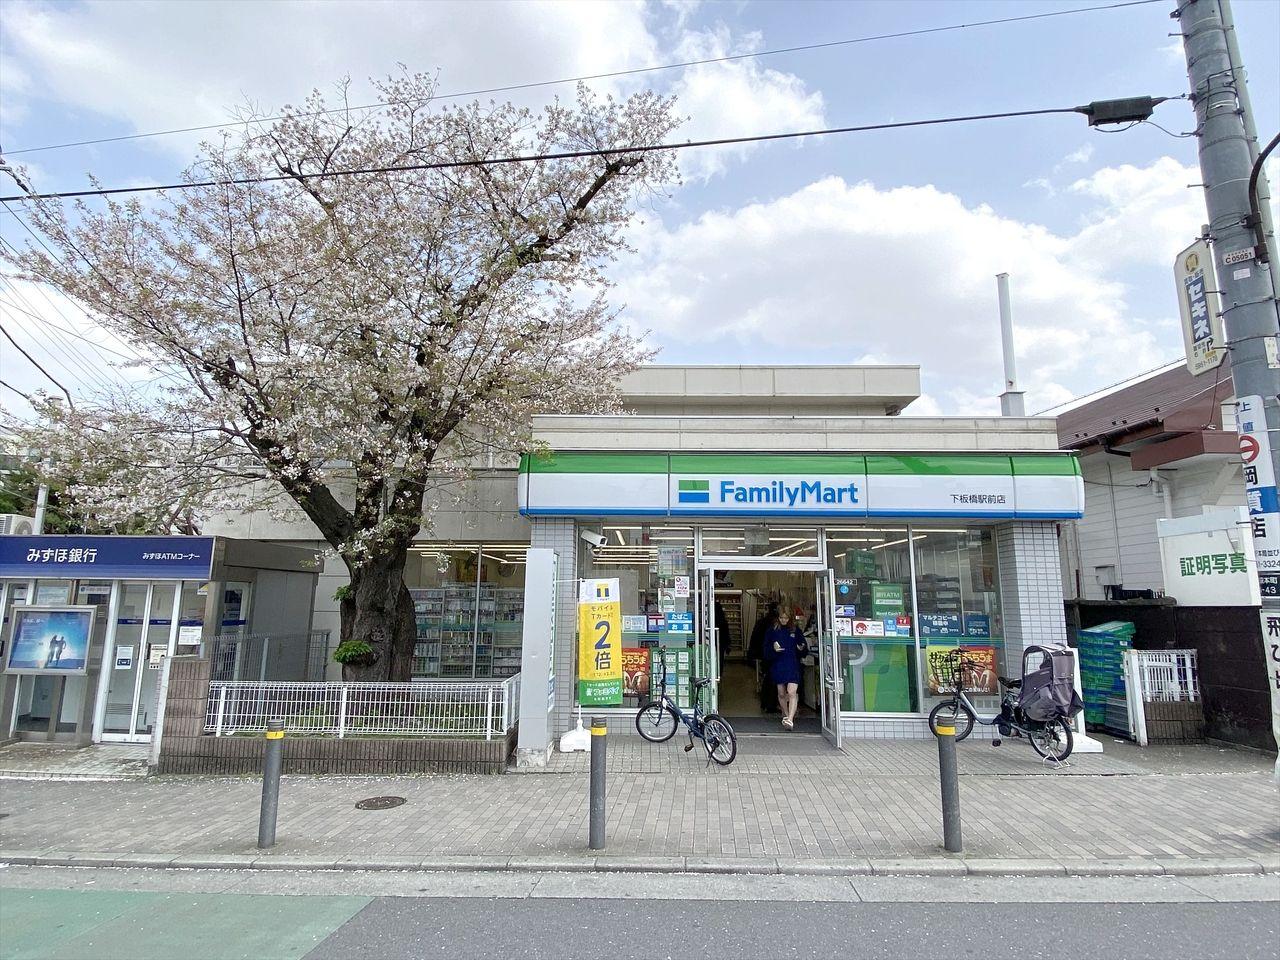 下板橋駅徒歩1分のファミリーマート下板橋駅前店 ベルパークへの帰りに寄るならここかも。